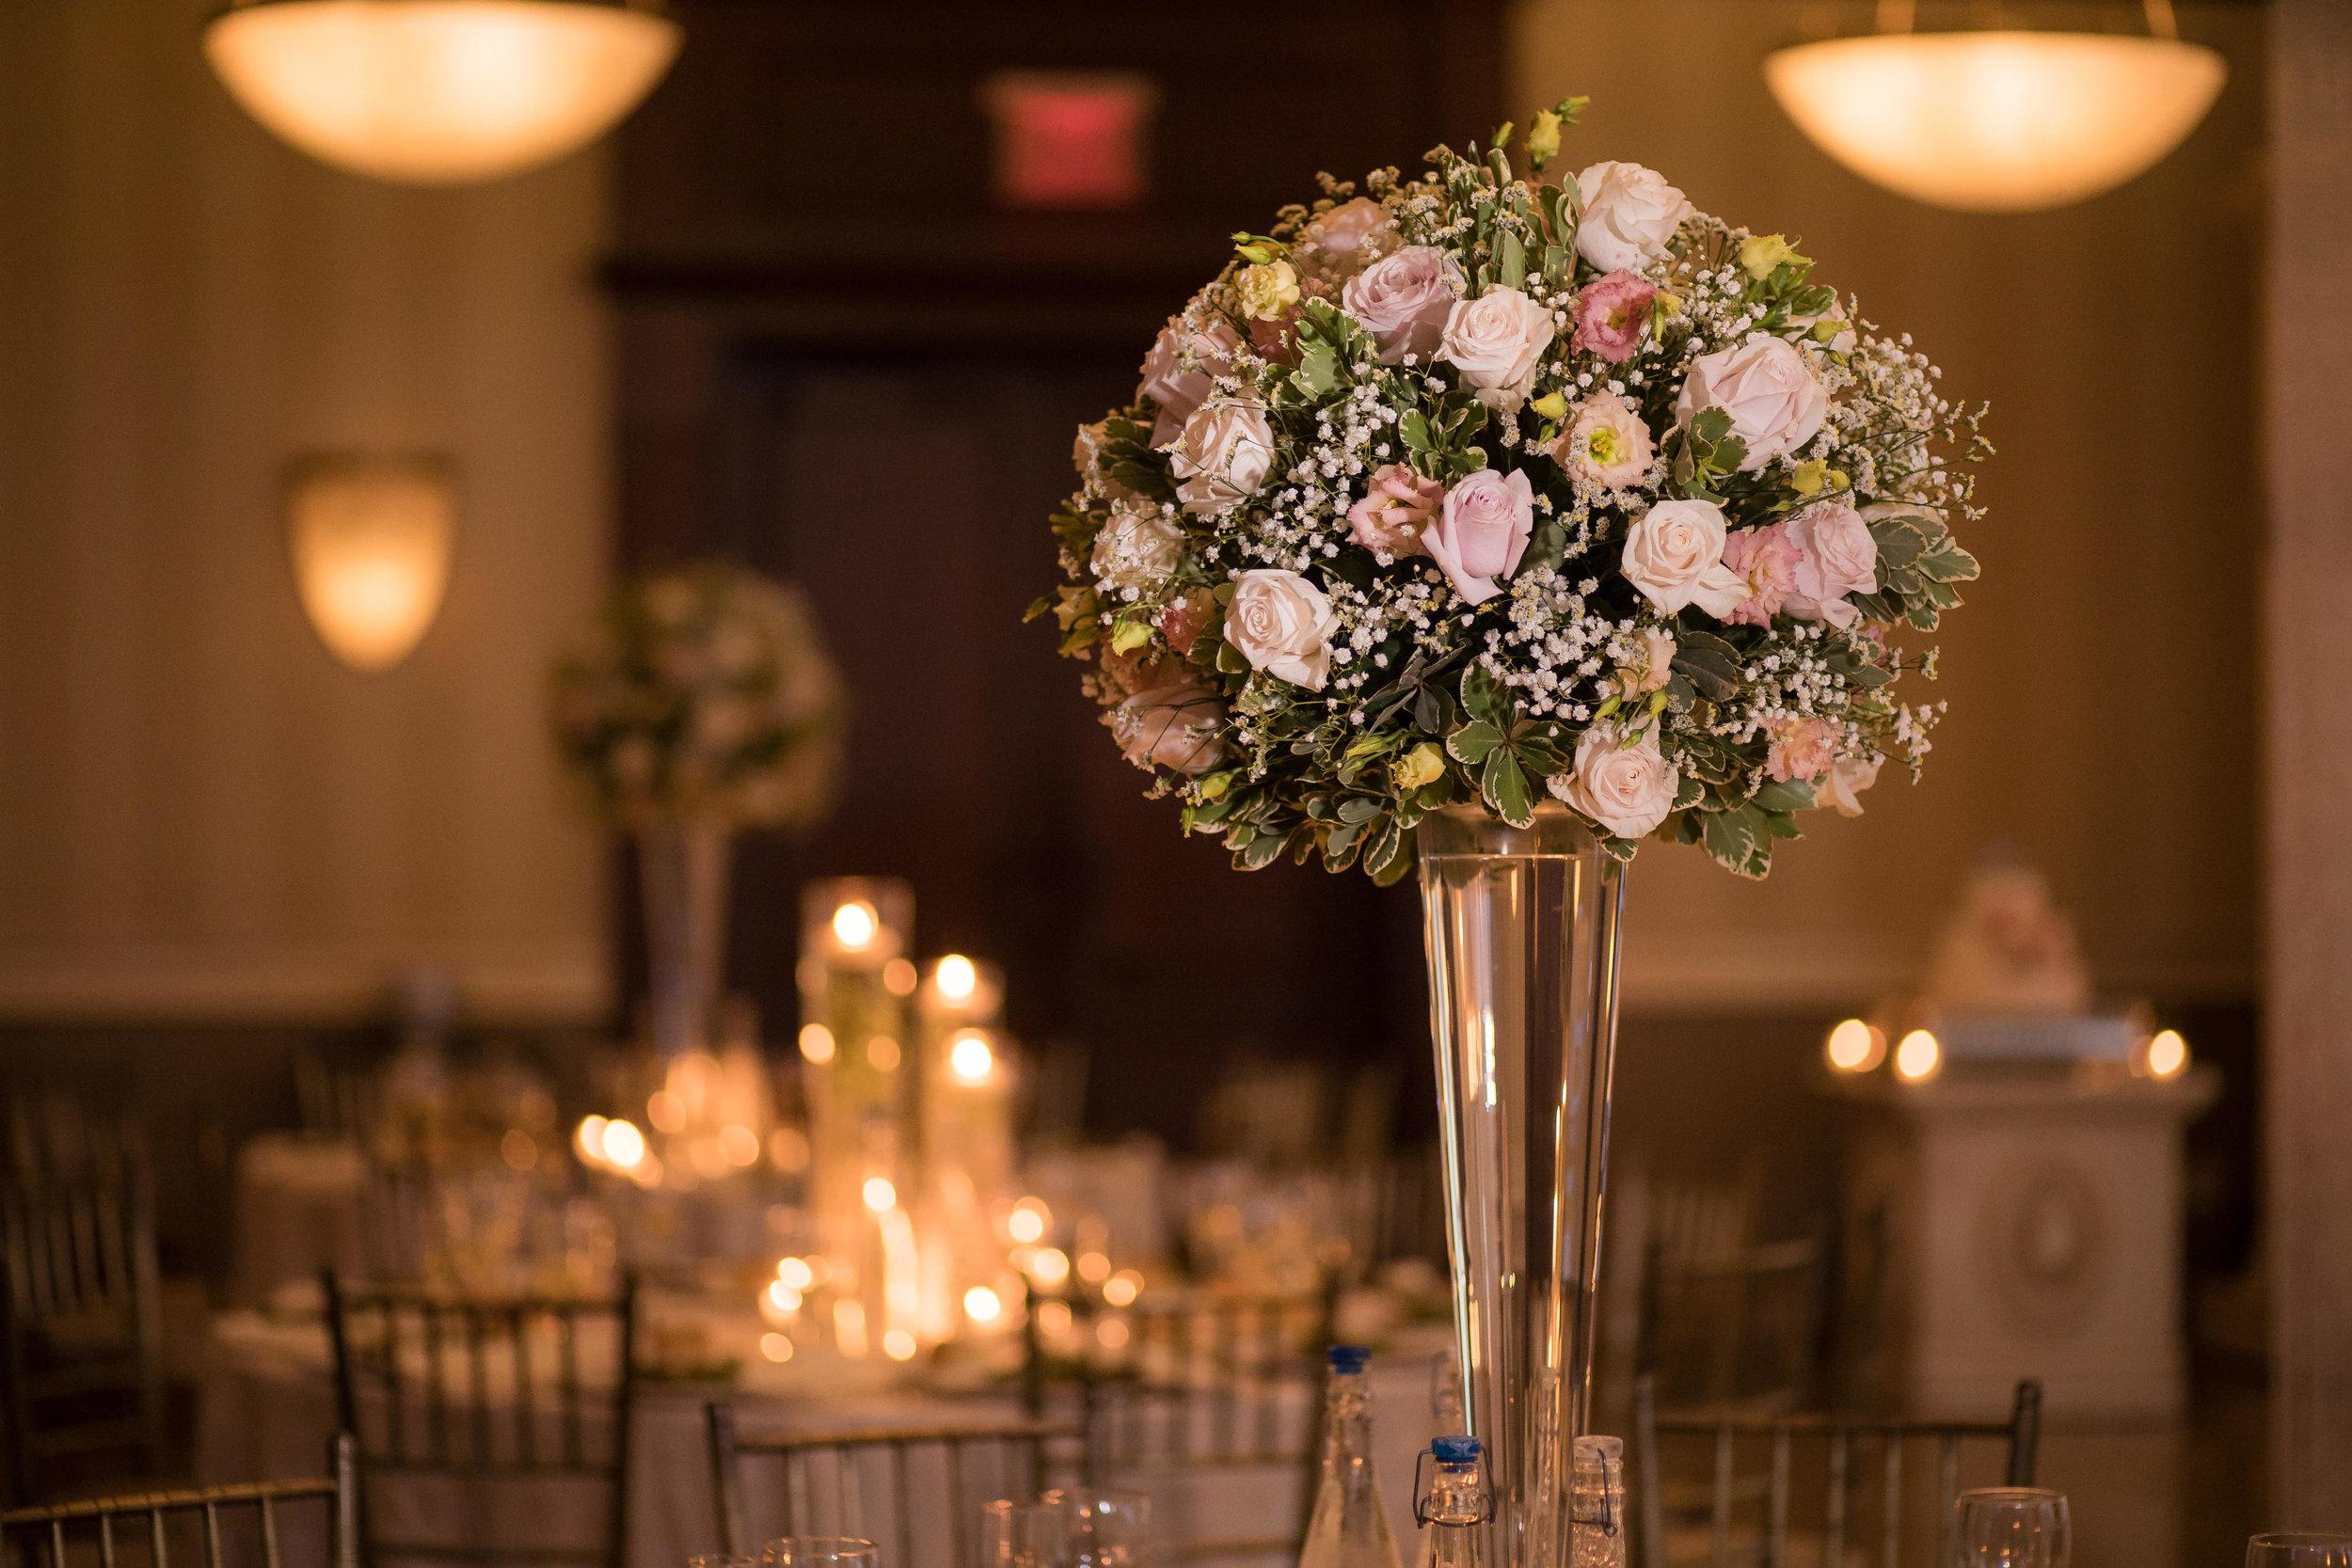 m2-floral-centerpieces-8.jpg